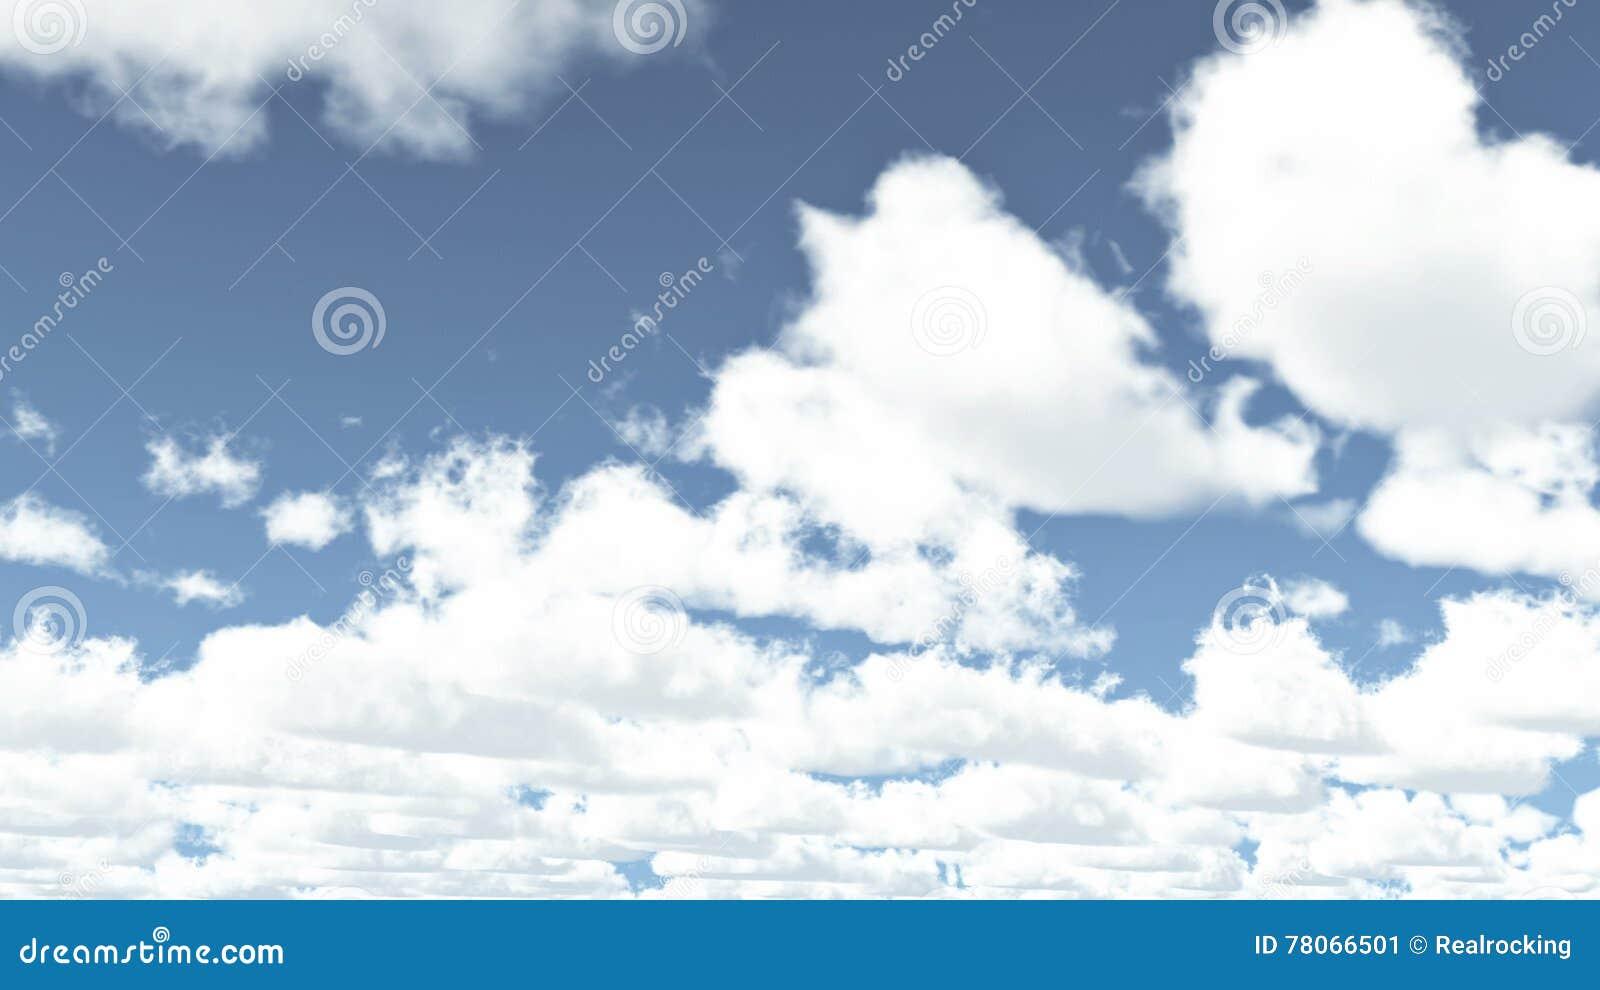 Tolle Blauer Himmel Lebenslauf Schreiben Bilder - Beispiel ...